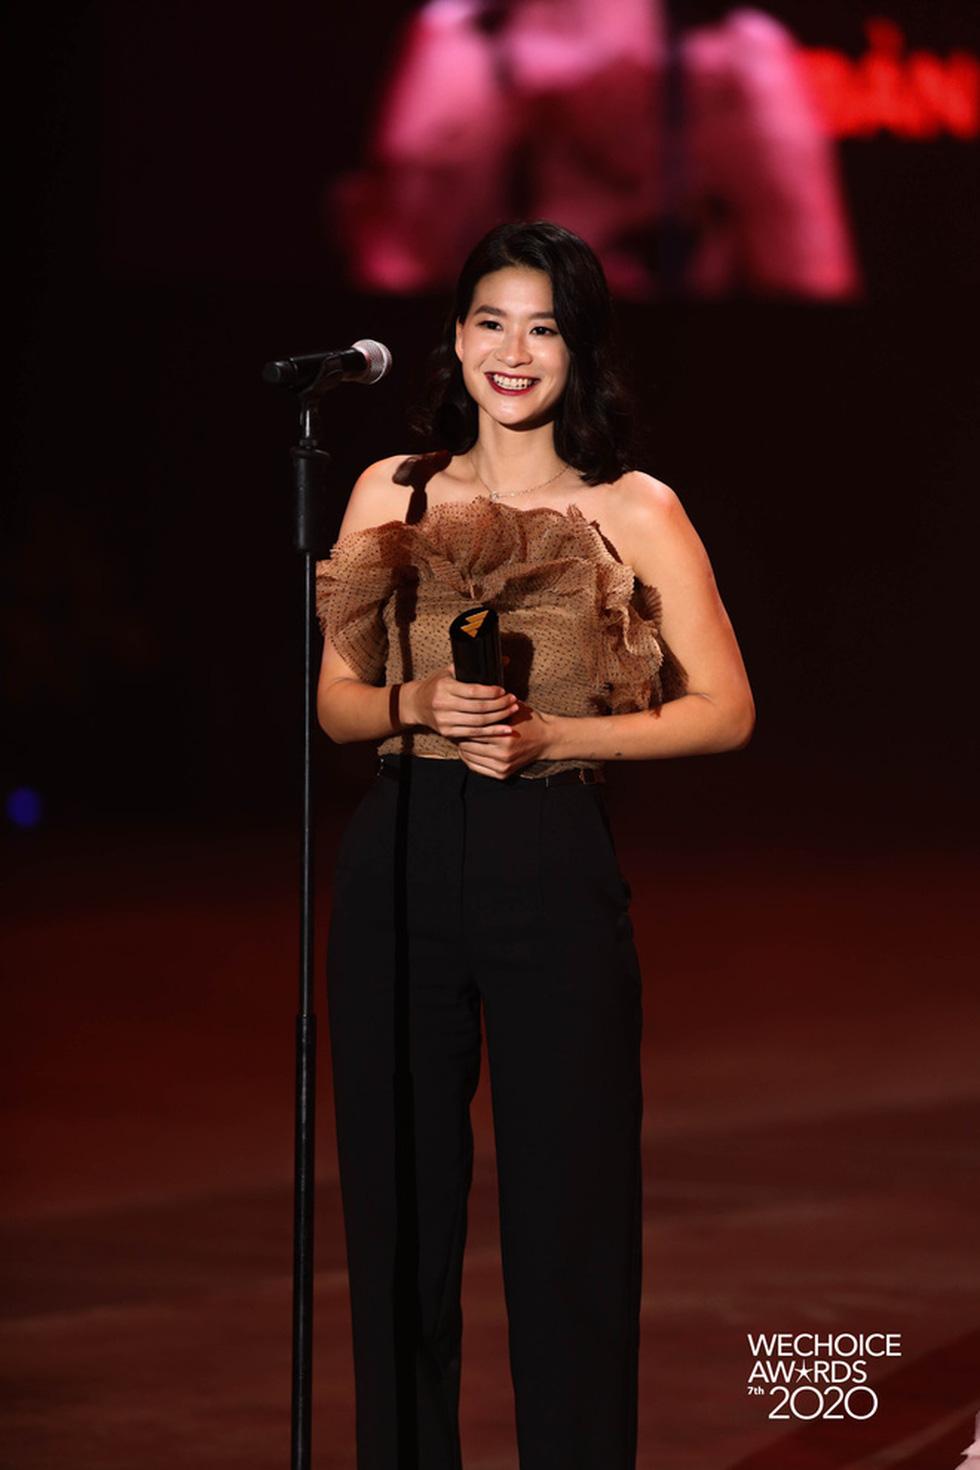 Thủy Tiên, Jack, MCK… được vinh danh tại WeChoice Awards 2020 - Ảnh 17.